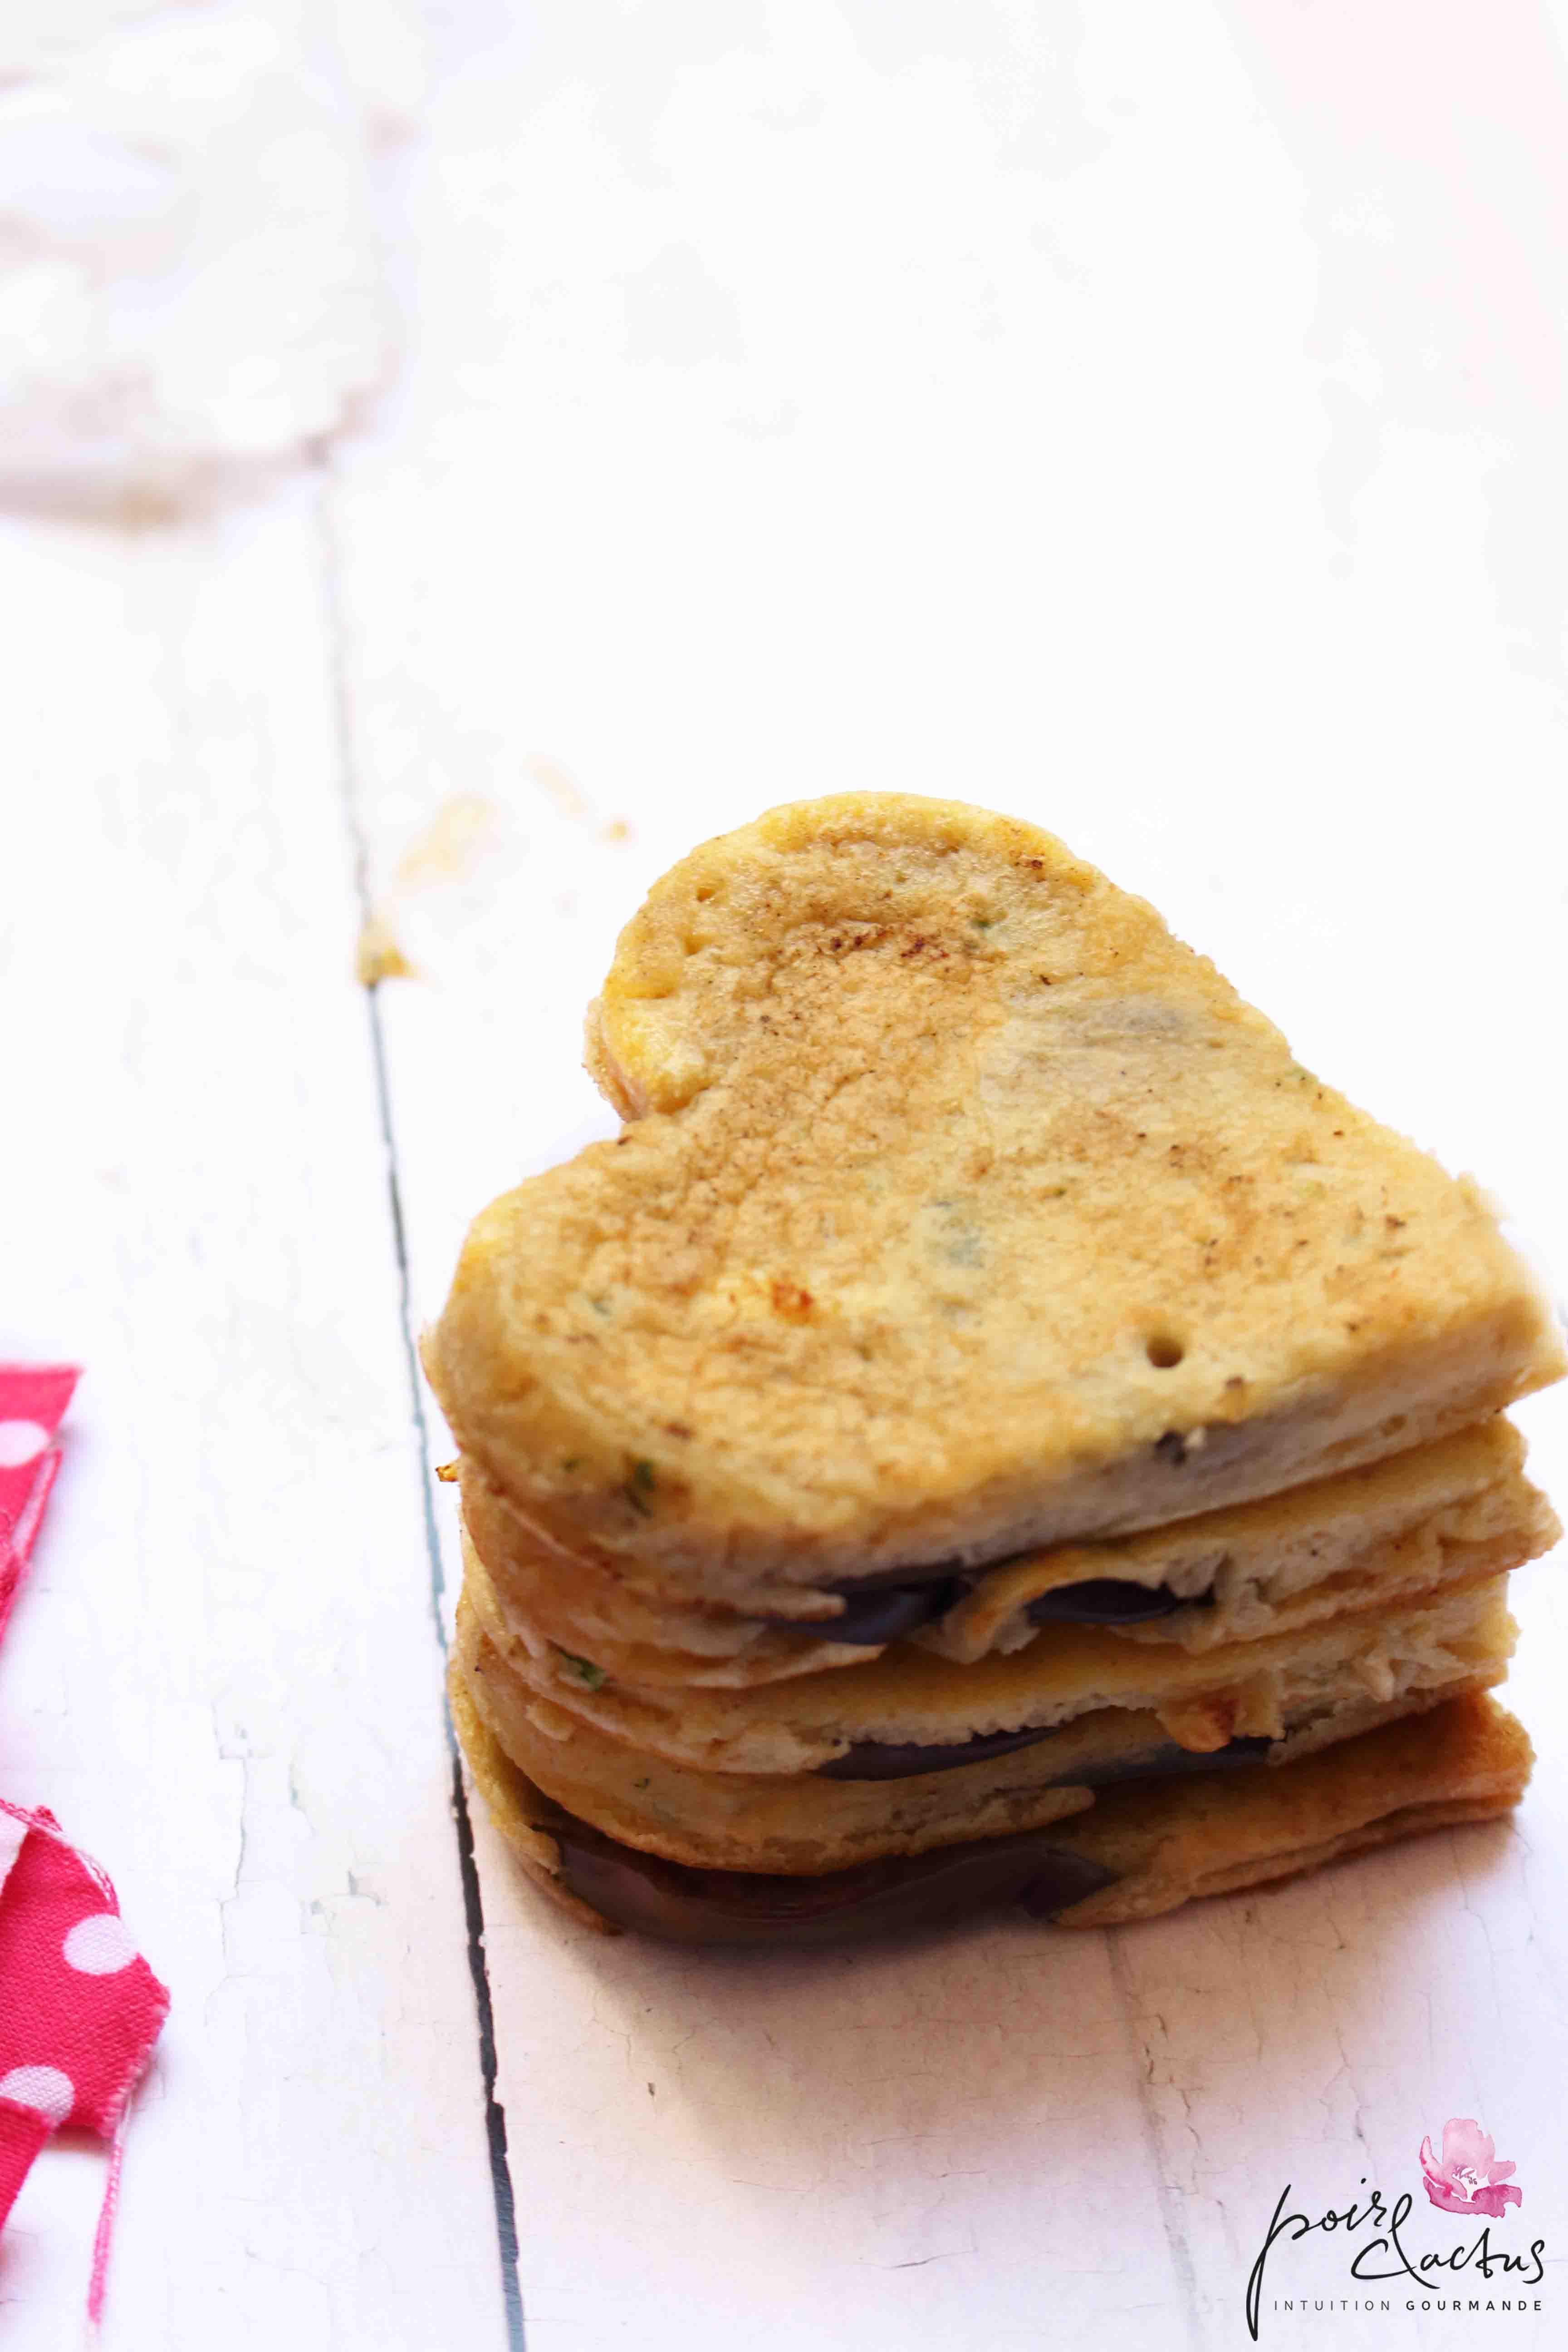 recette_brunch_panakes_aubergines2